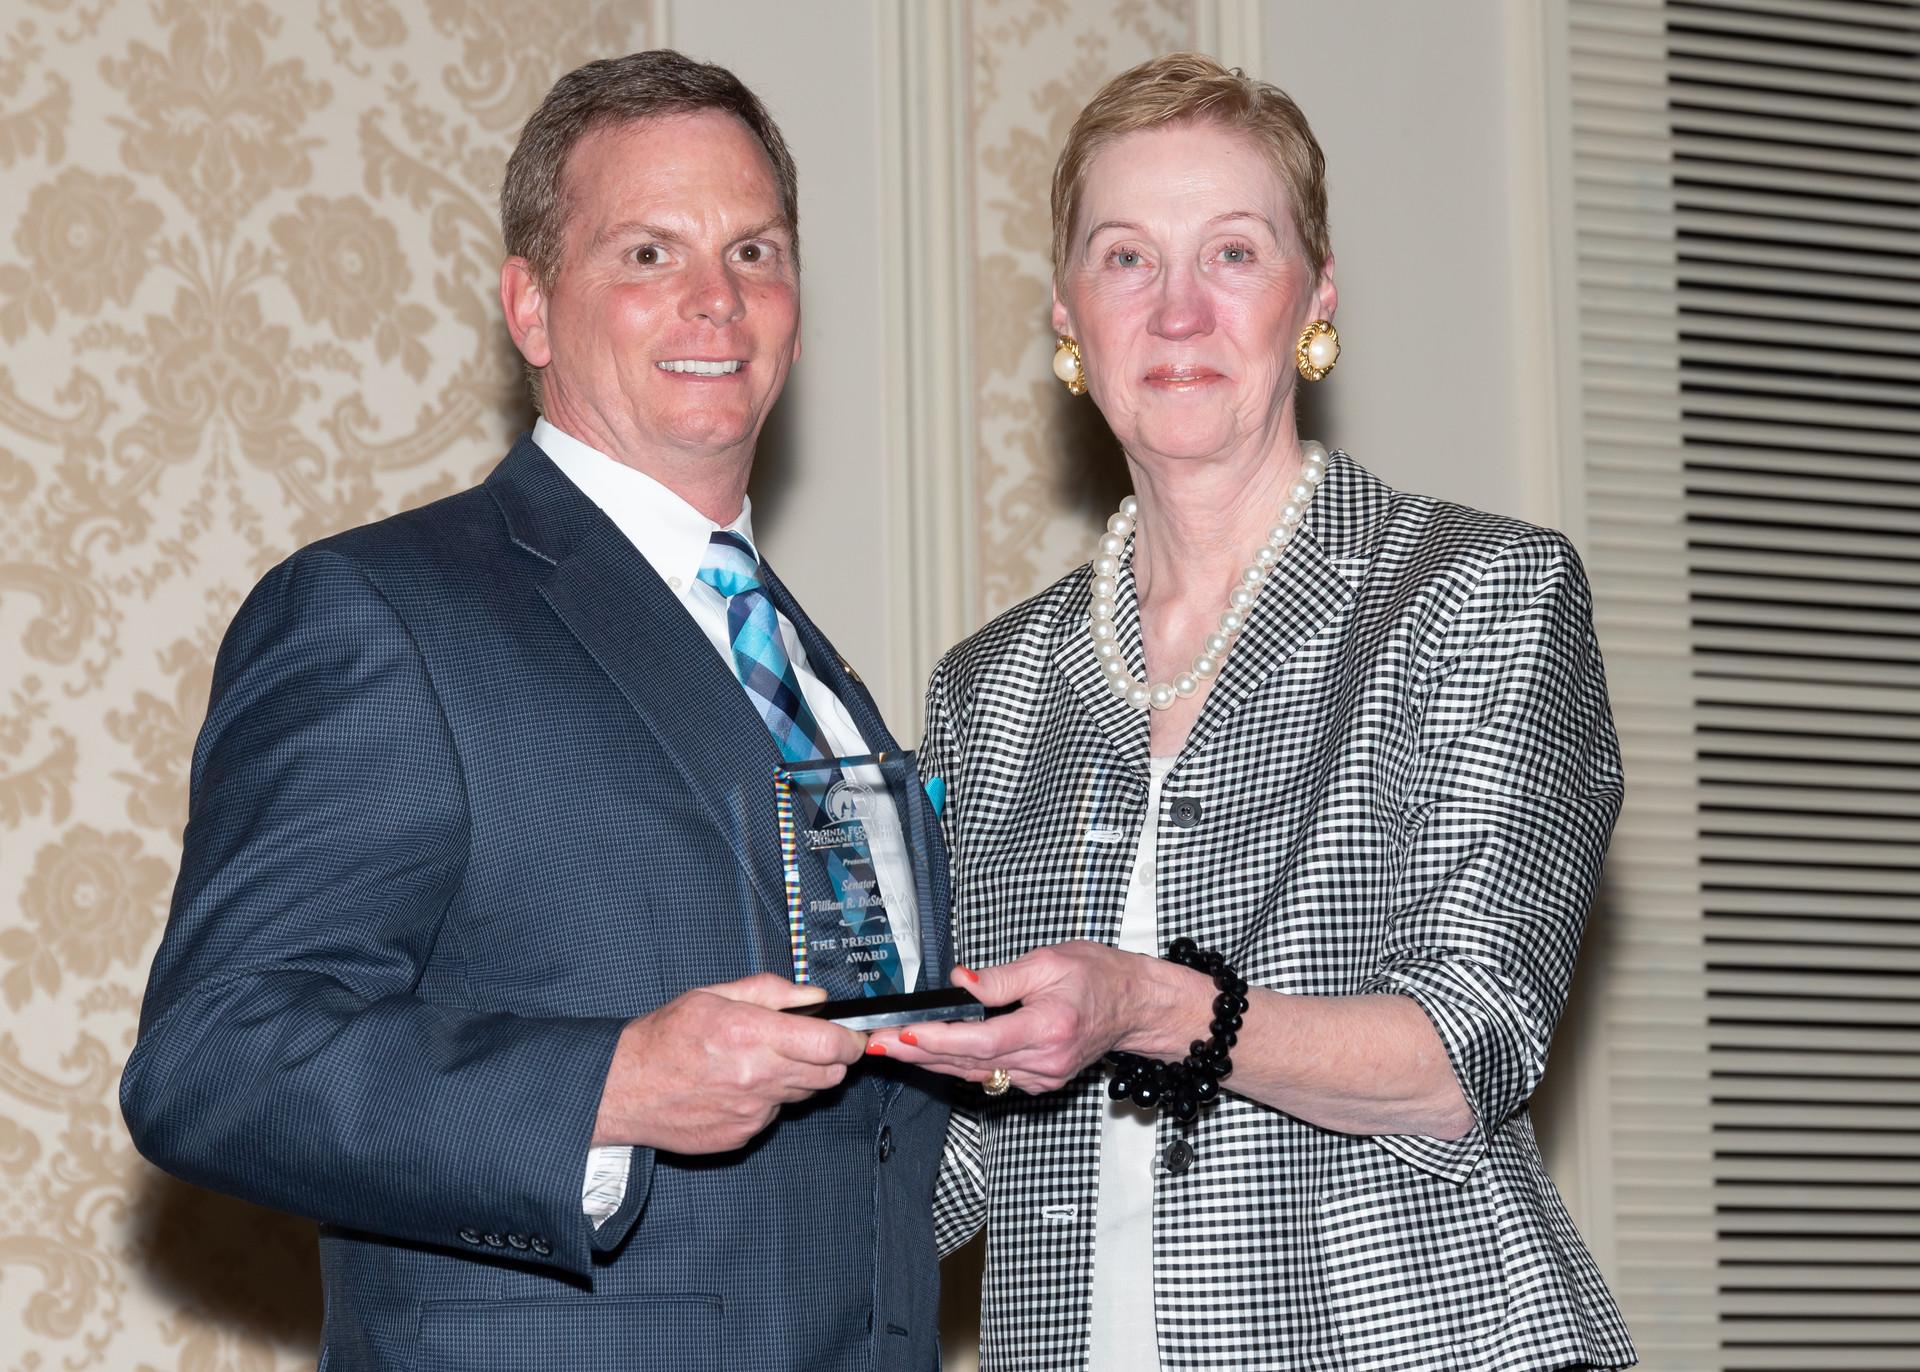 2019 VFHS President's Award